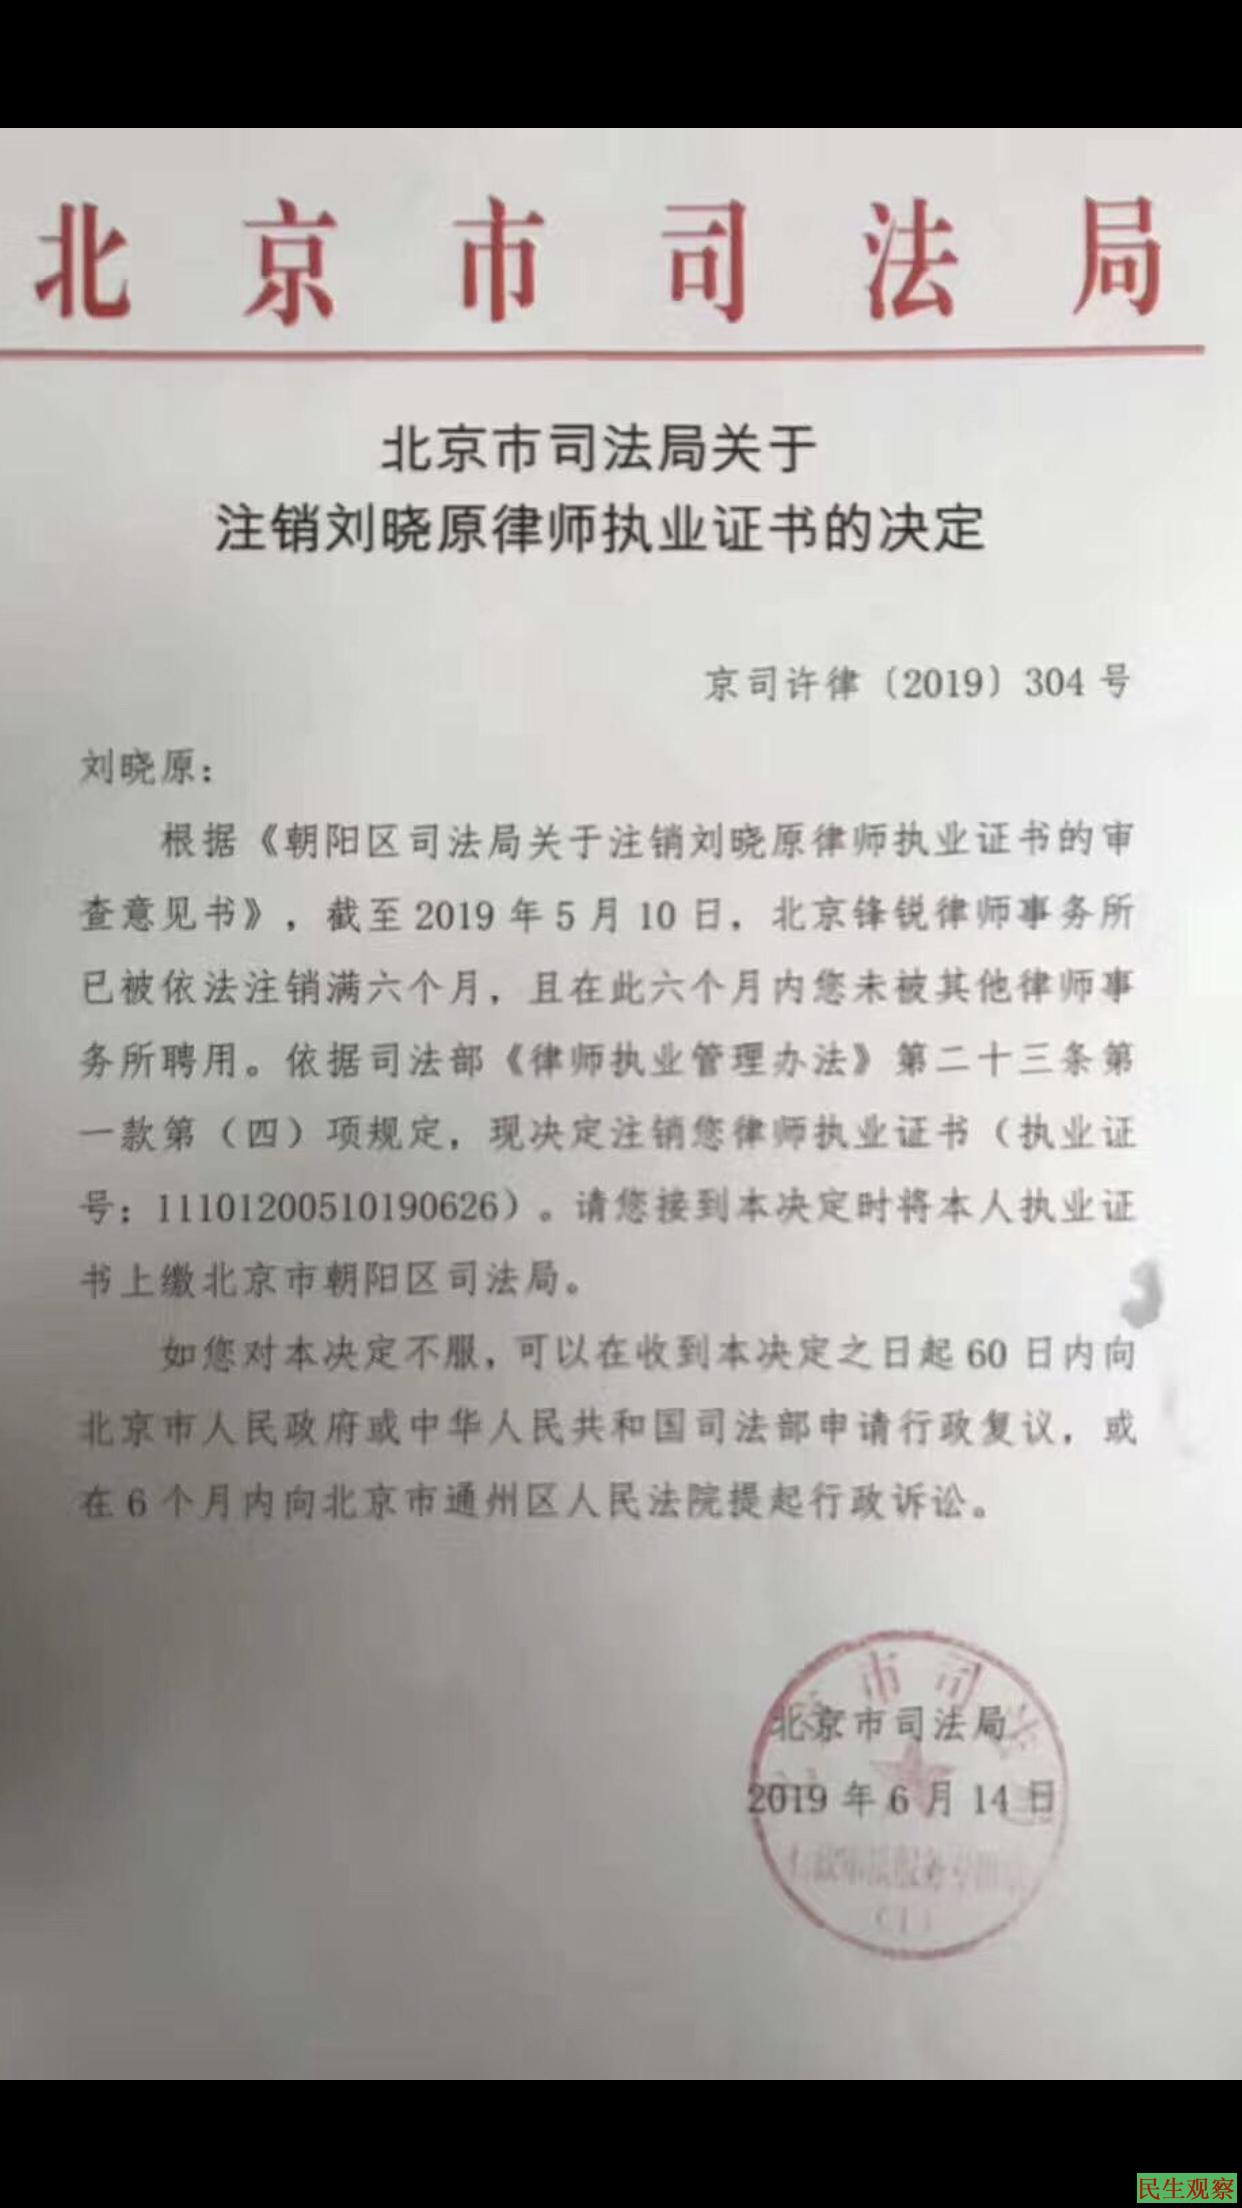 刘晓原终遭注销律师证